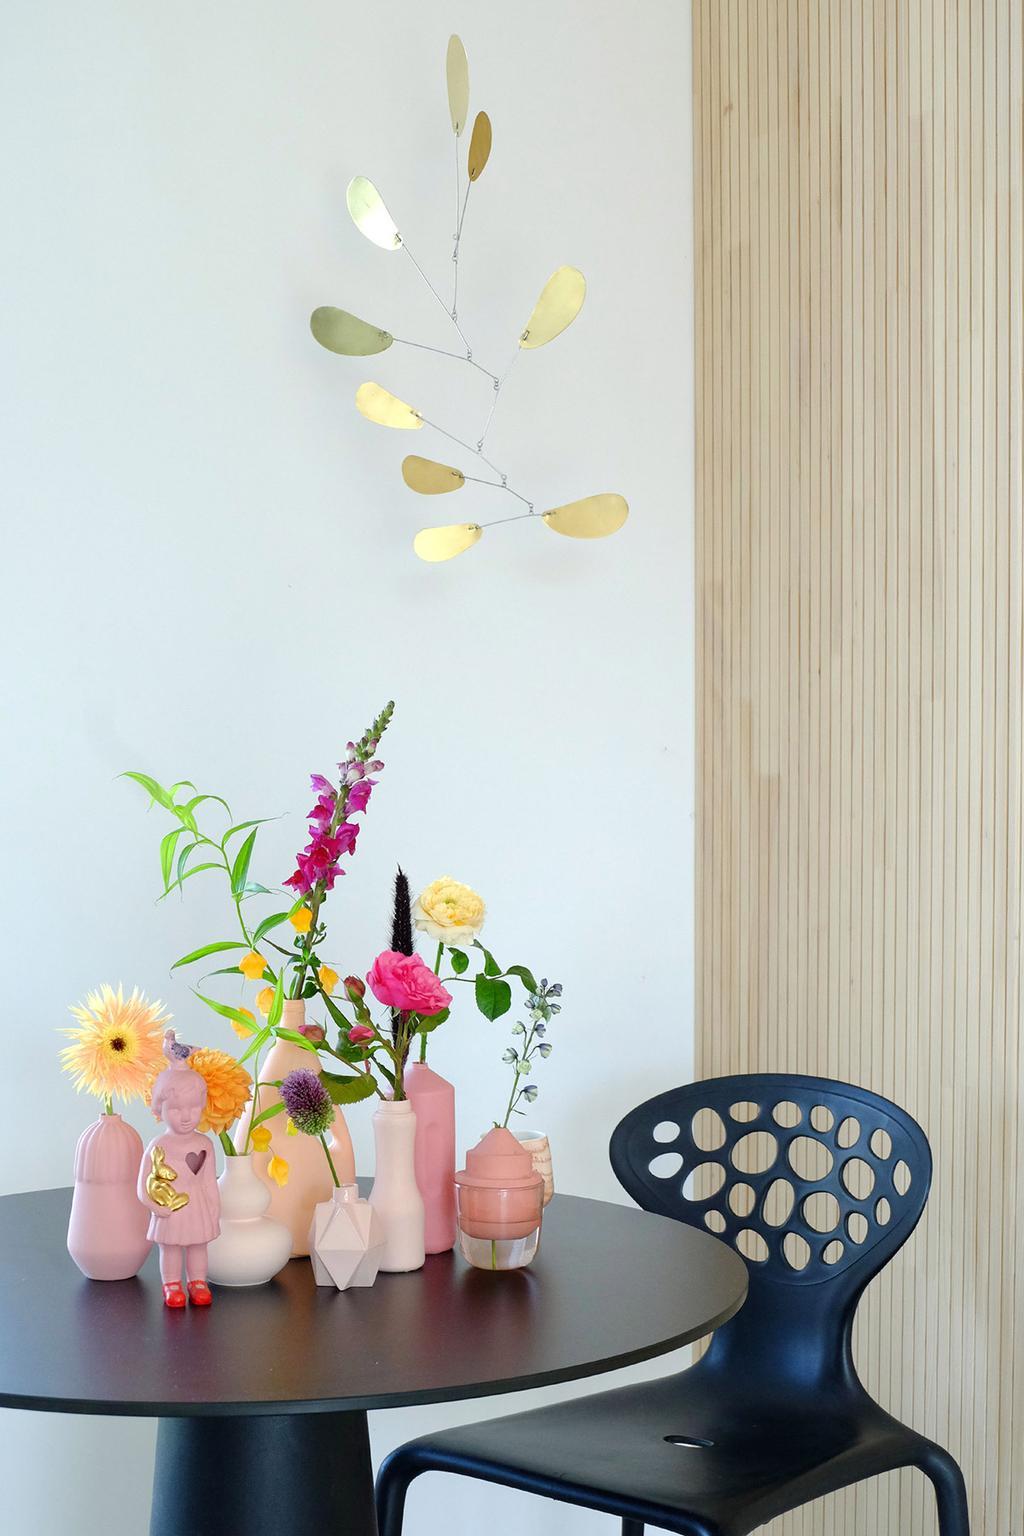 Messing mobiel van Dolly boven een tafel met keramiek